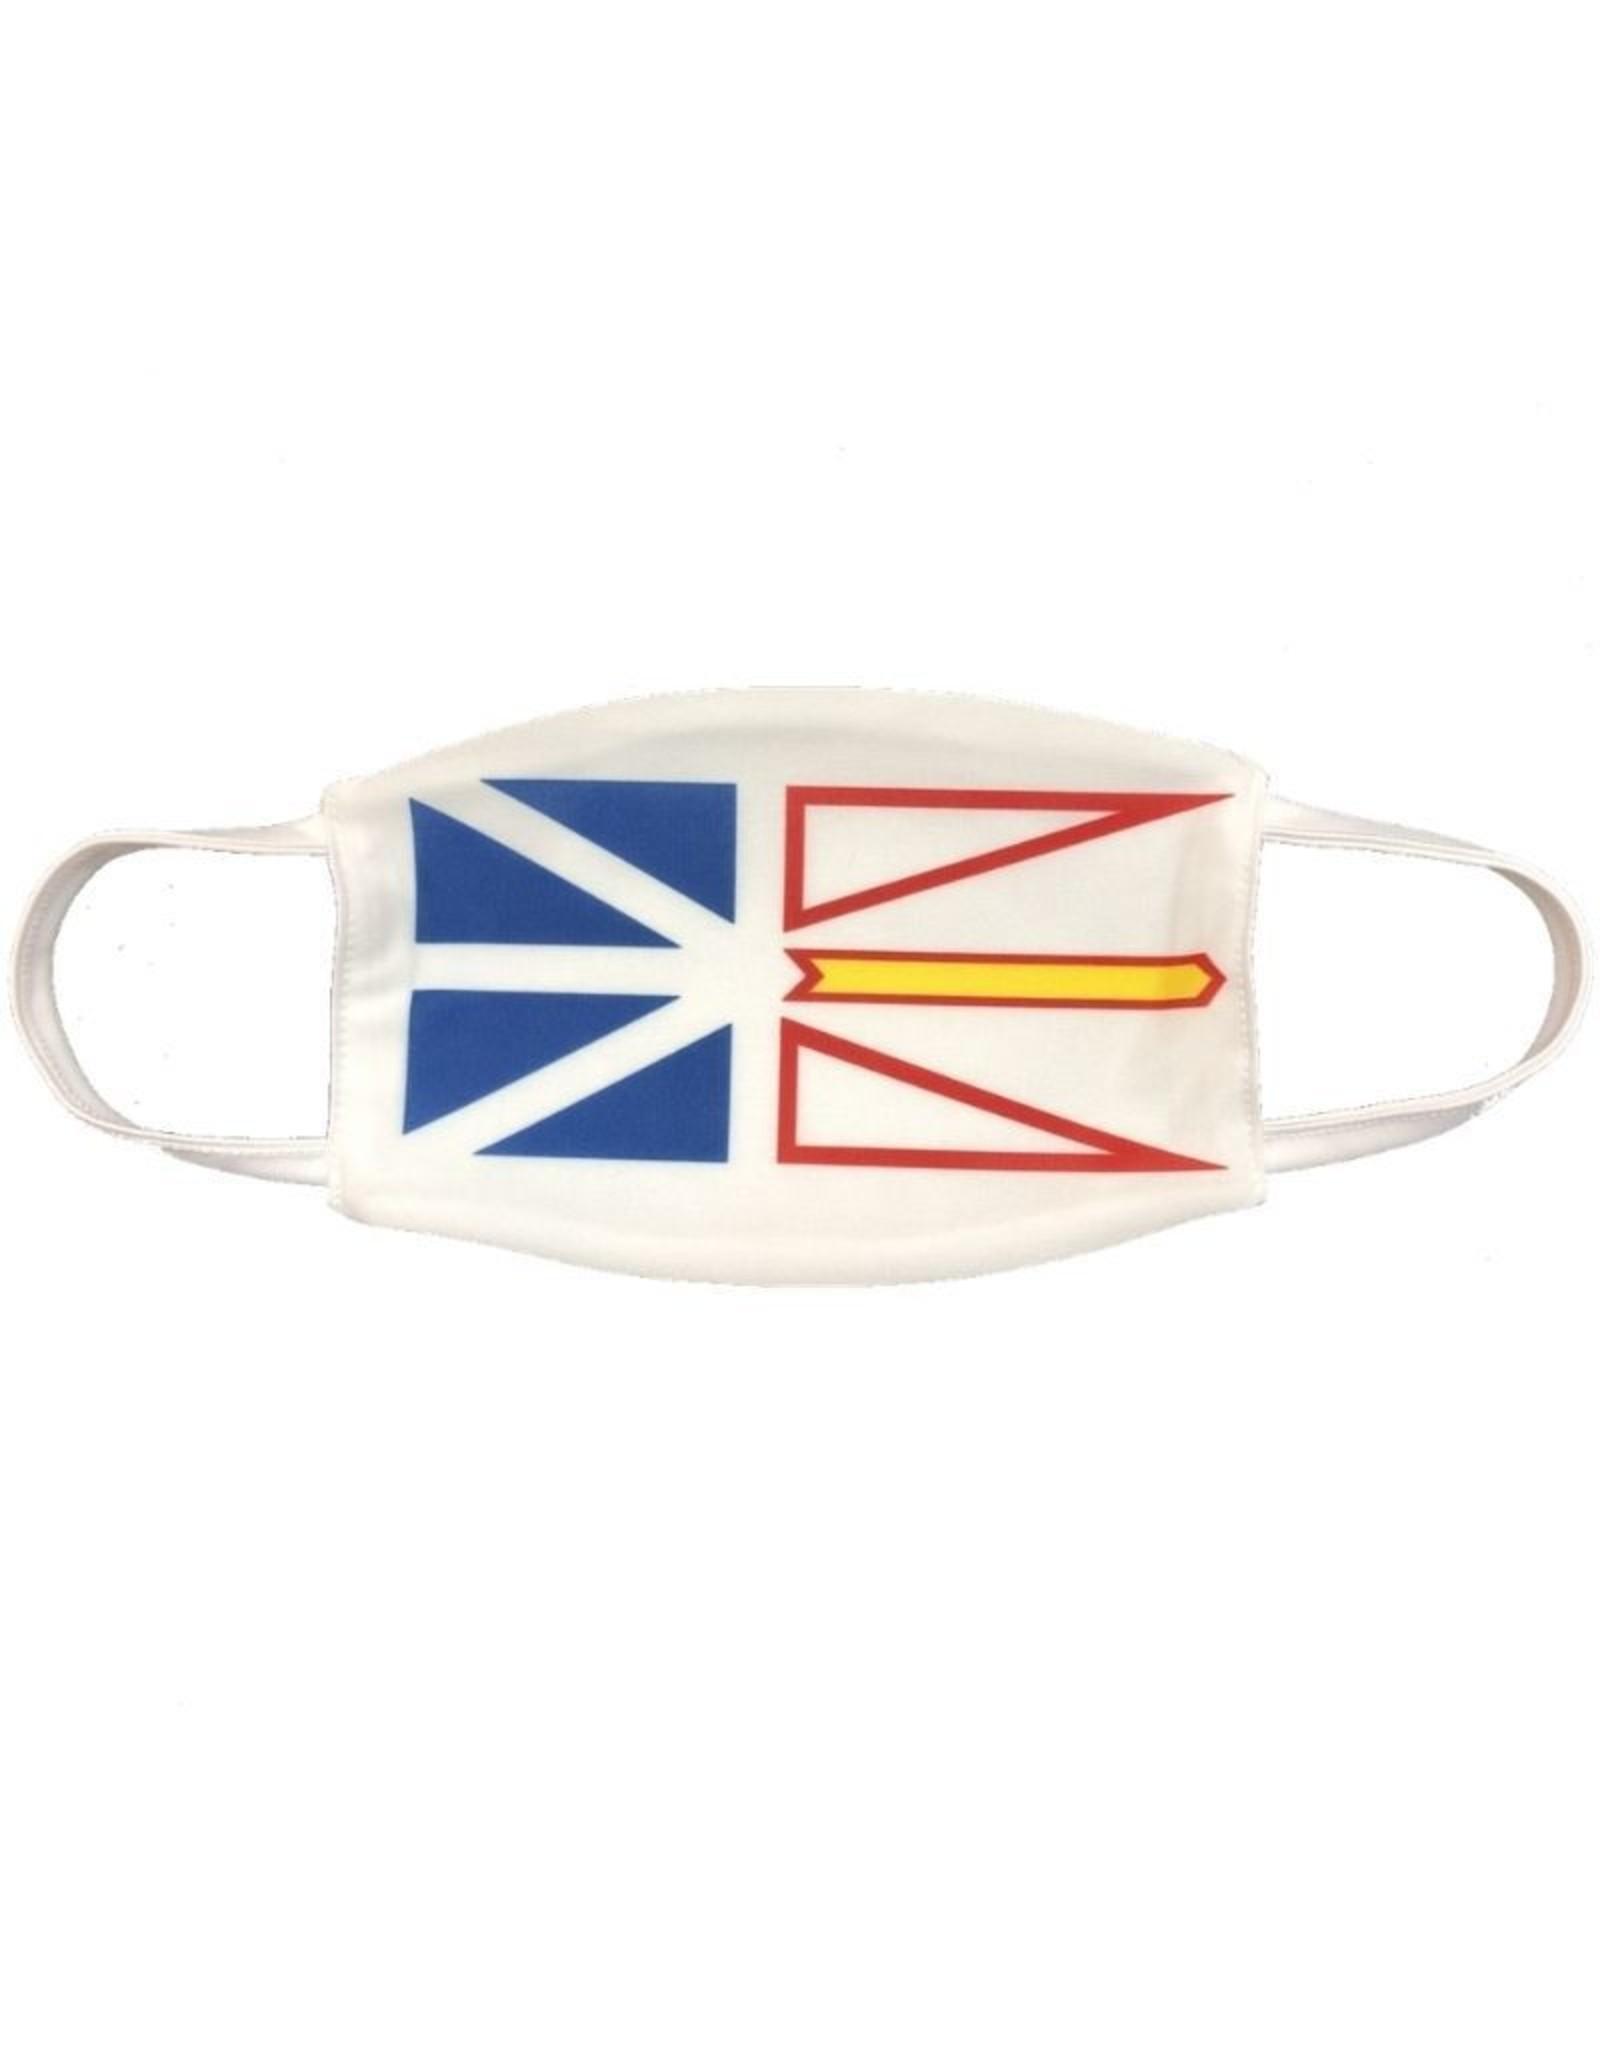 Newfoundland Proud Reusable Mask One Size